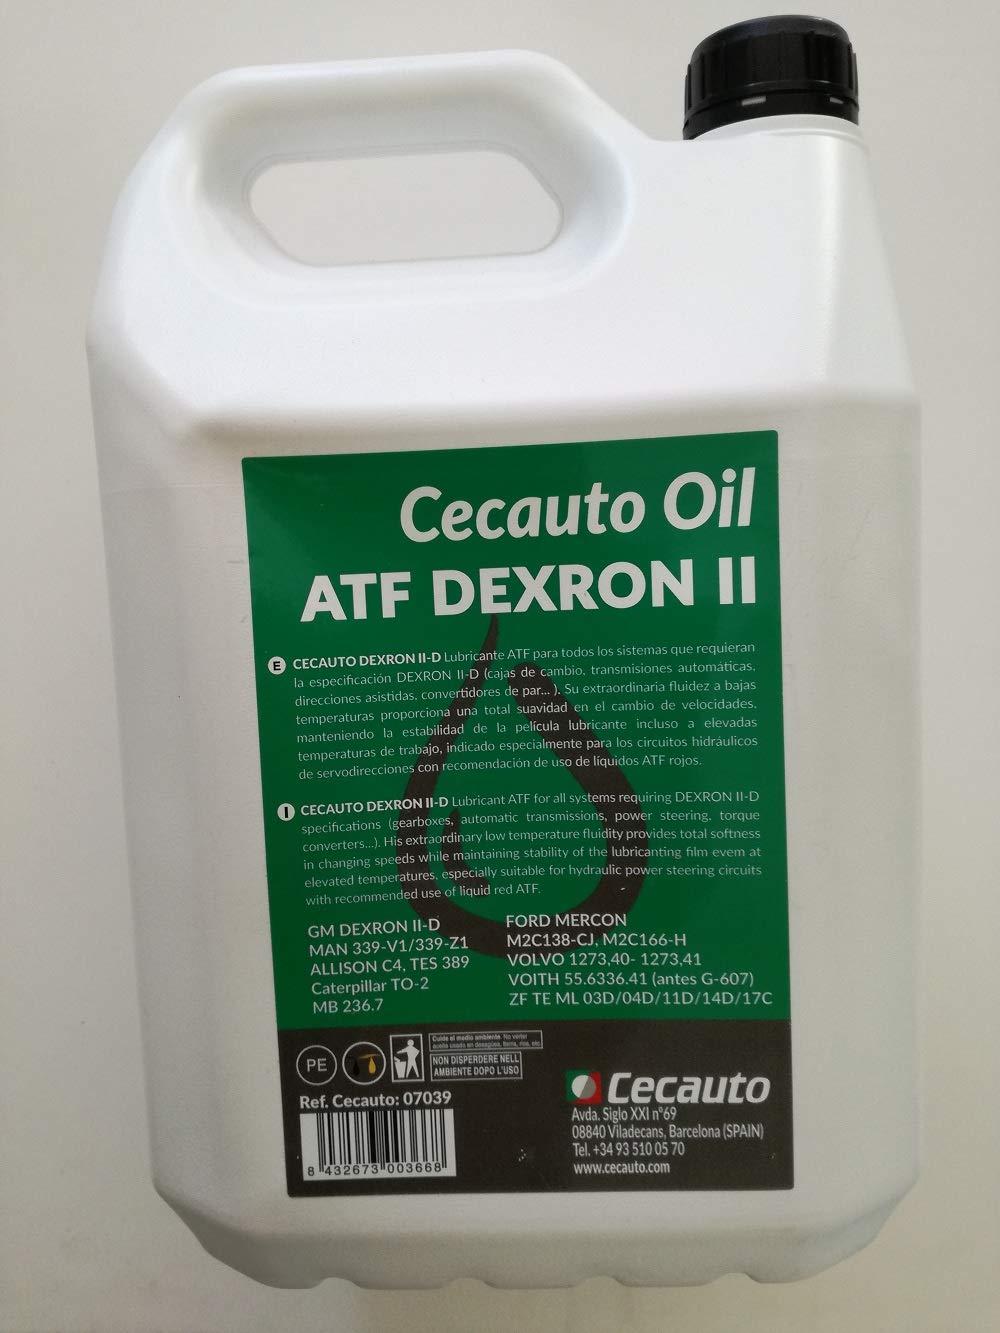 Cecauto 07039 - Aceite Dexron II D, Fluido para Transmisiones Automáticas, Automatic Transmission Fluid, 5 litros.: Amazon.es: Coche y moto